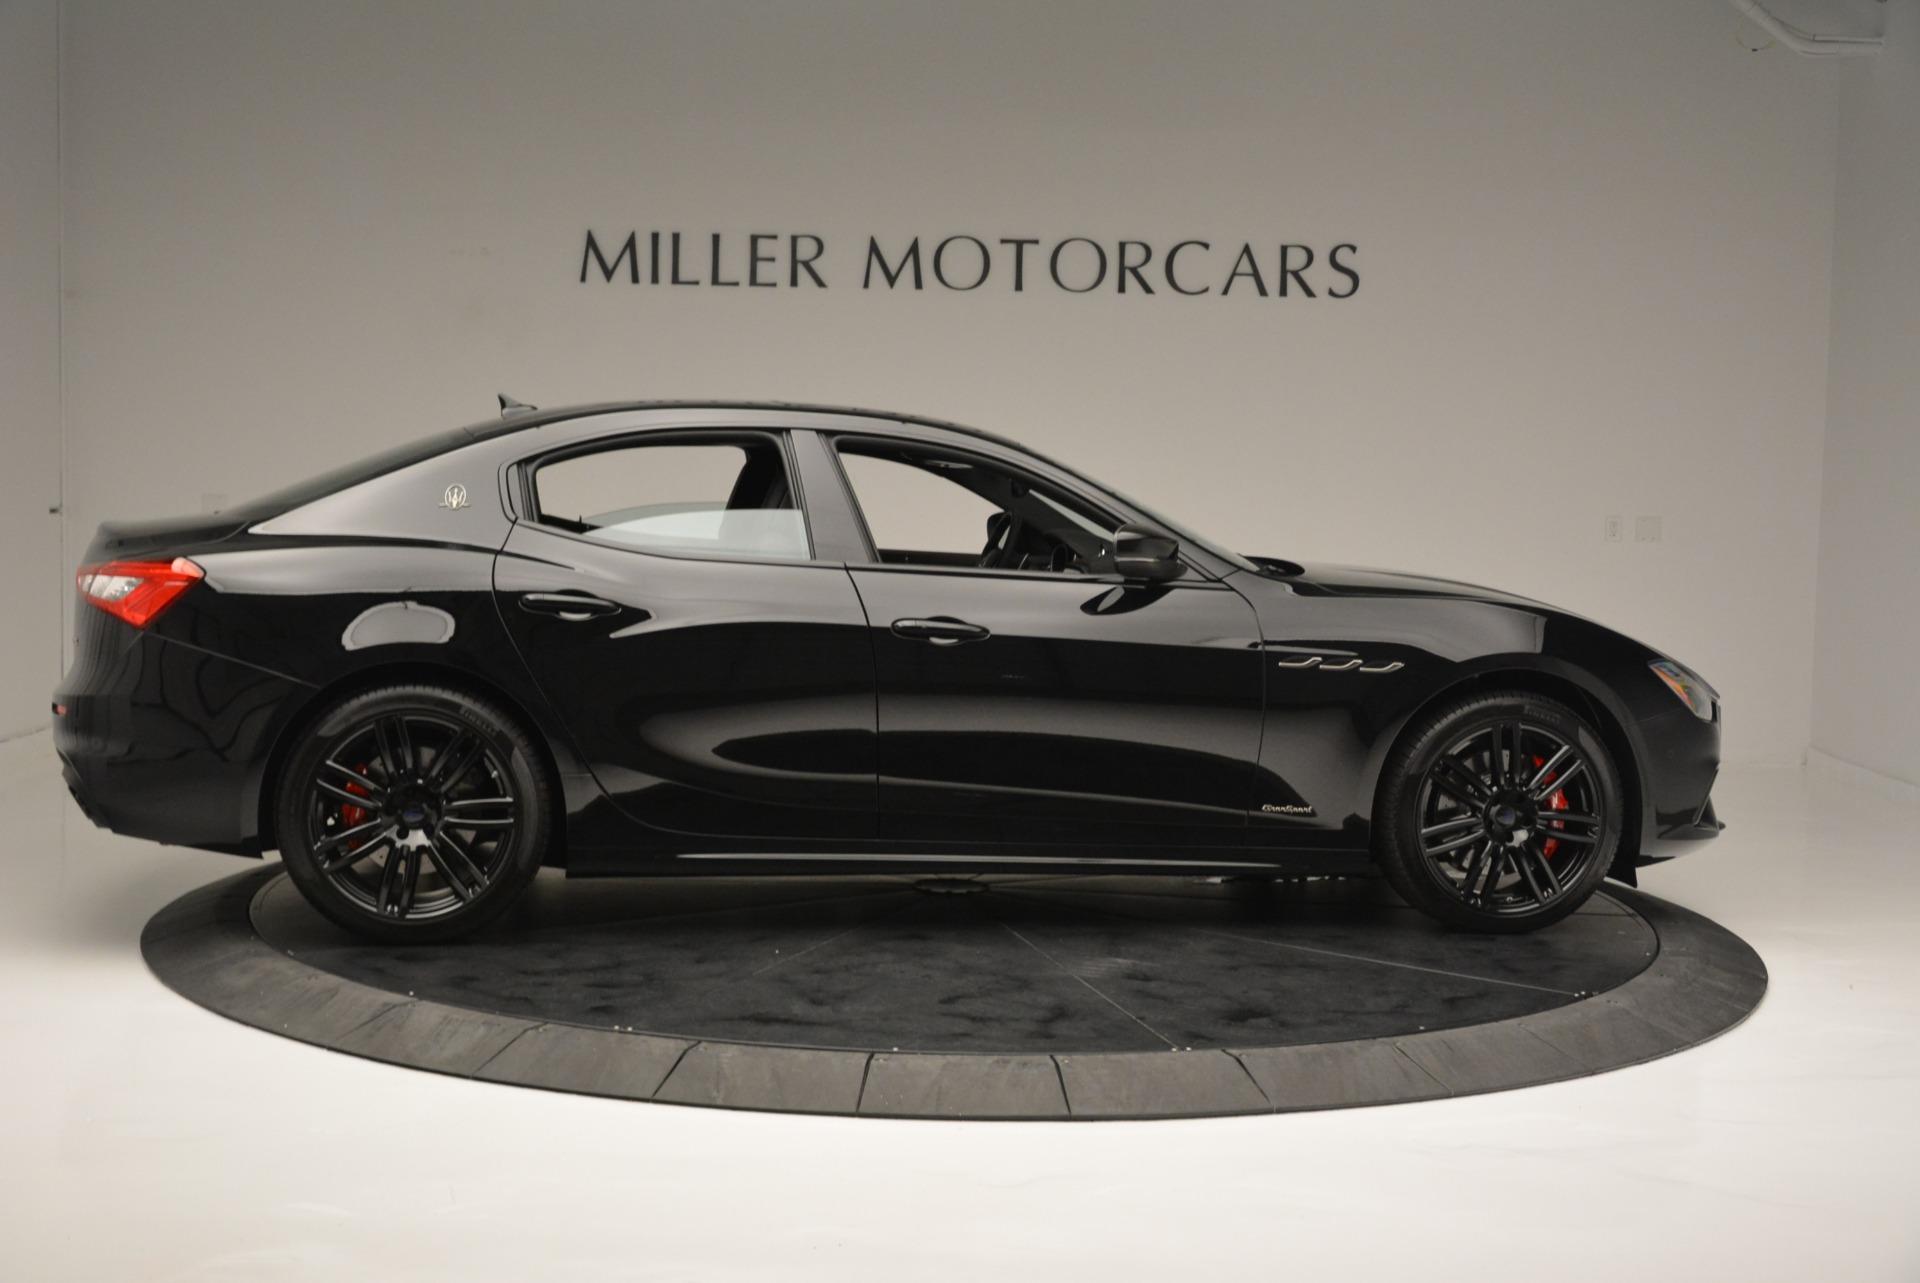 New 2018 Maserati Ghibli SQ4 GranSport Nerissimo For Sale In Greenwich, CT 2368_p9